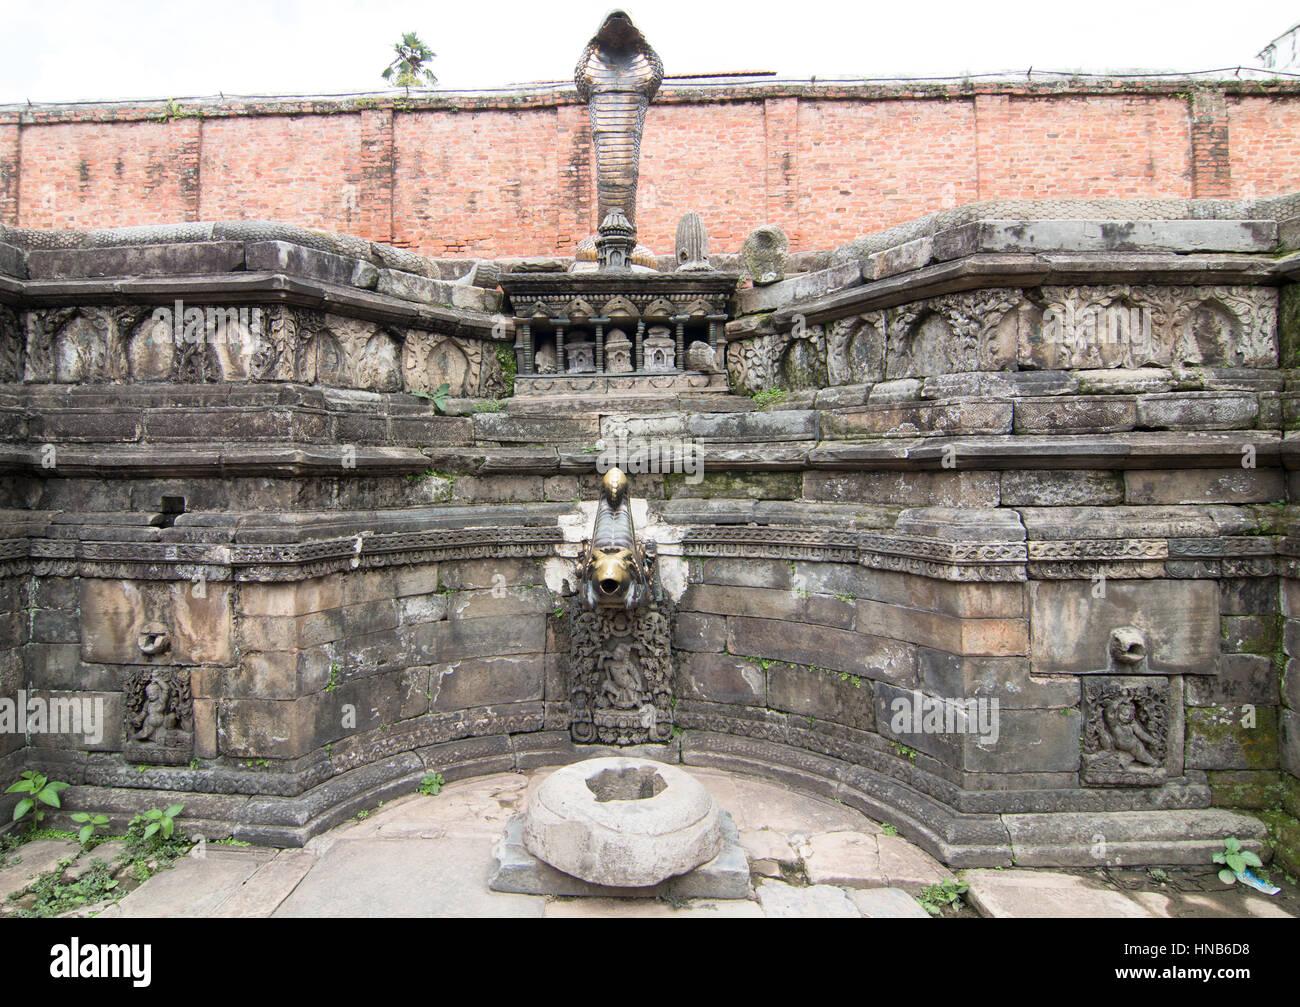 Pared del estanque de un templo en Katmandú mostrando tallas en piedra, una protección de rey cobra y una boquilla de agua de bronce tallado Foto de stock